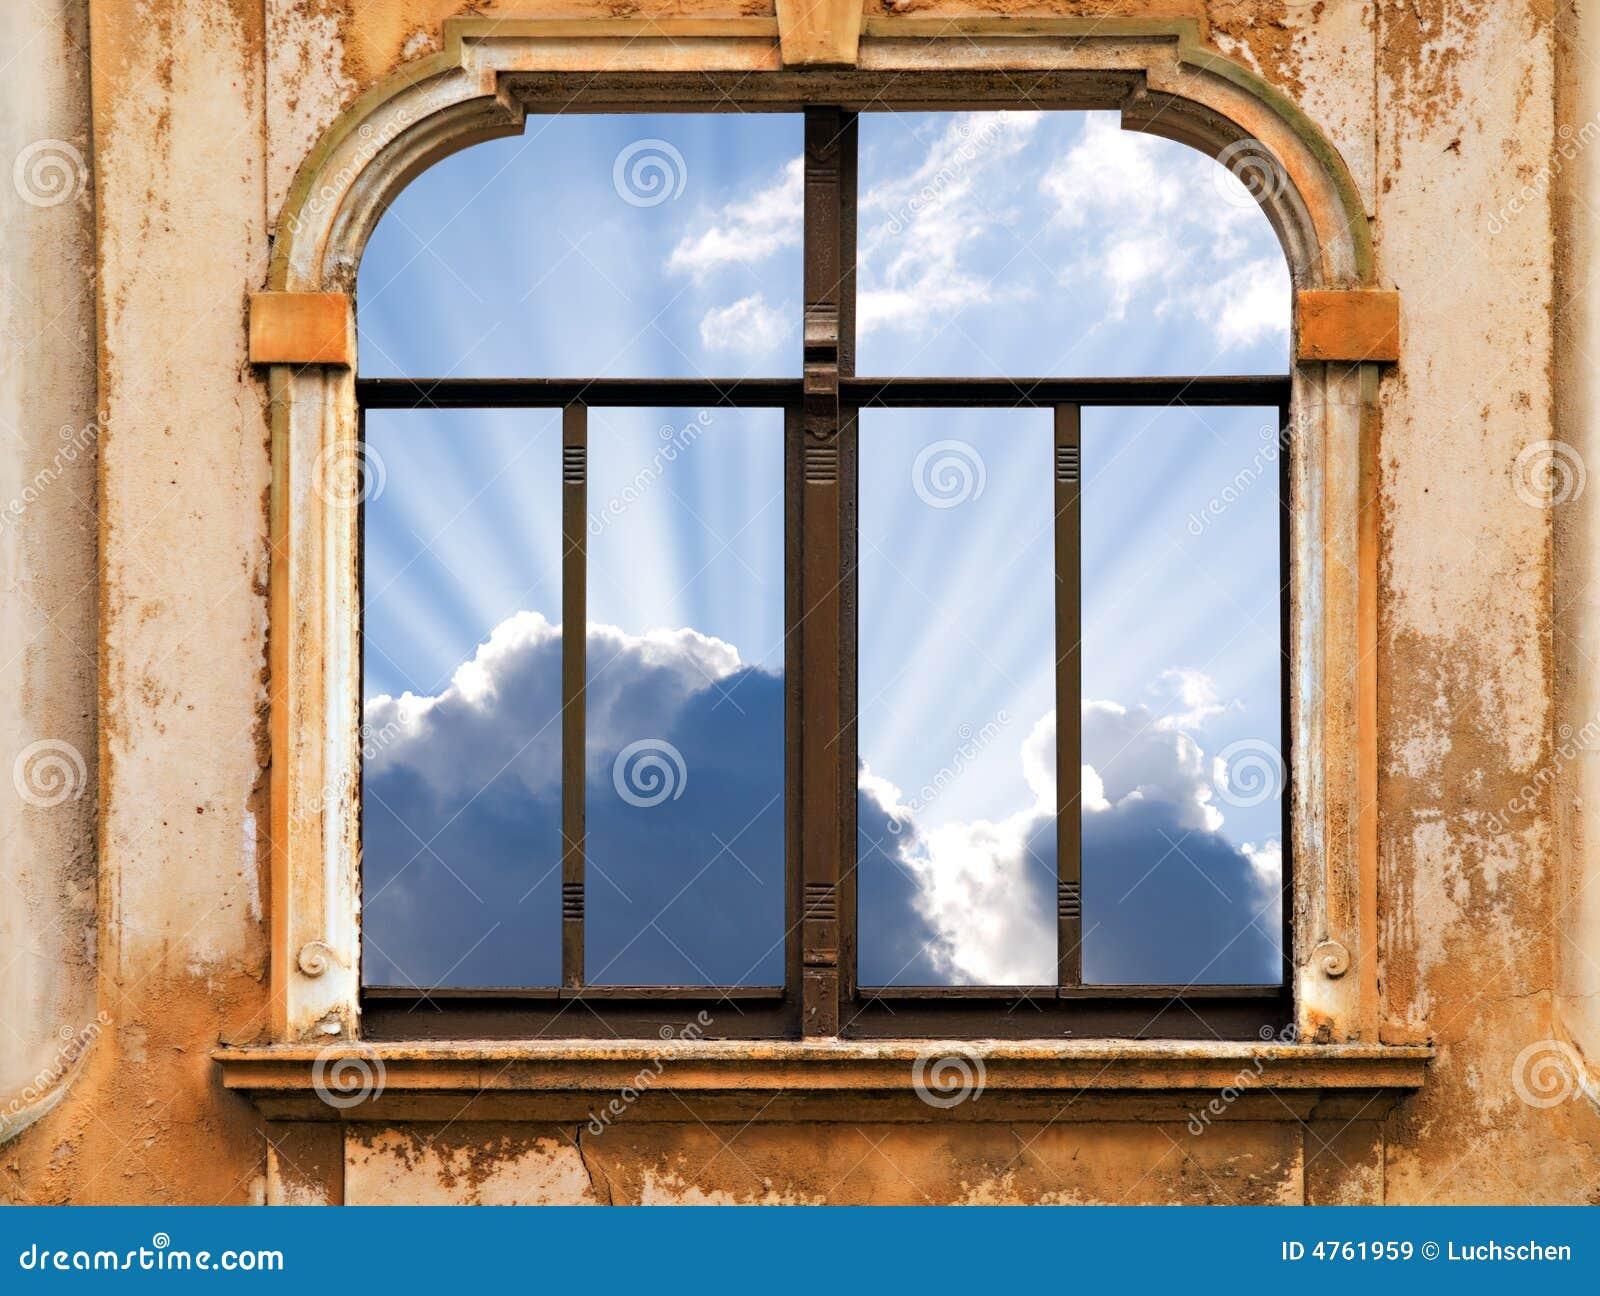 Himmel im Fenster